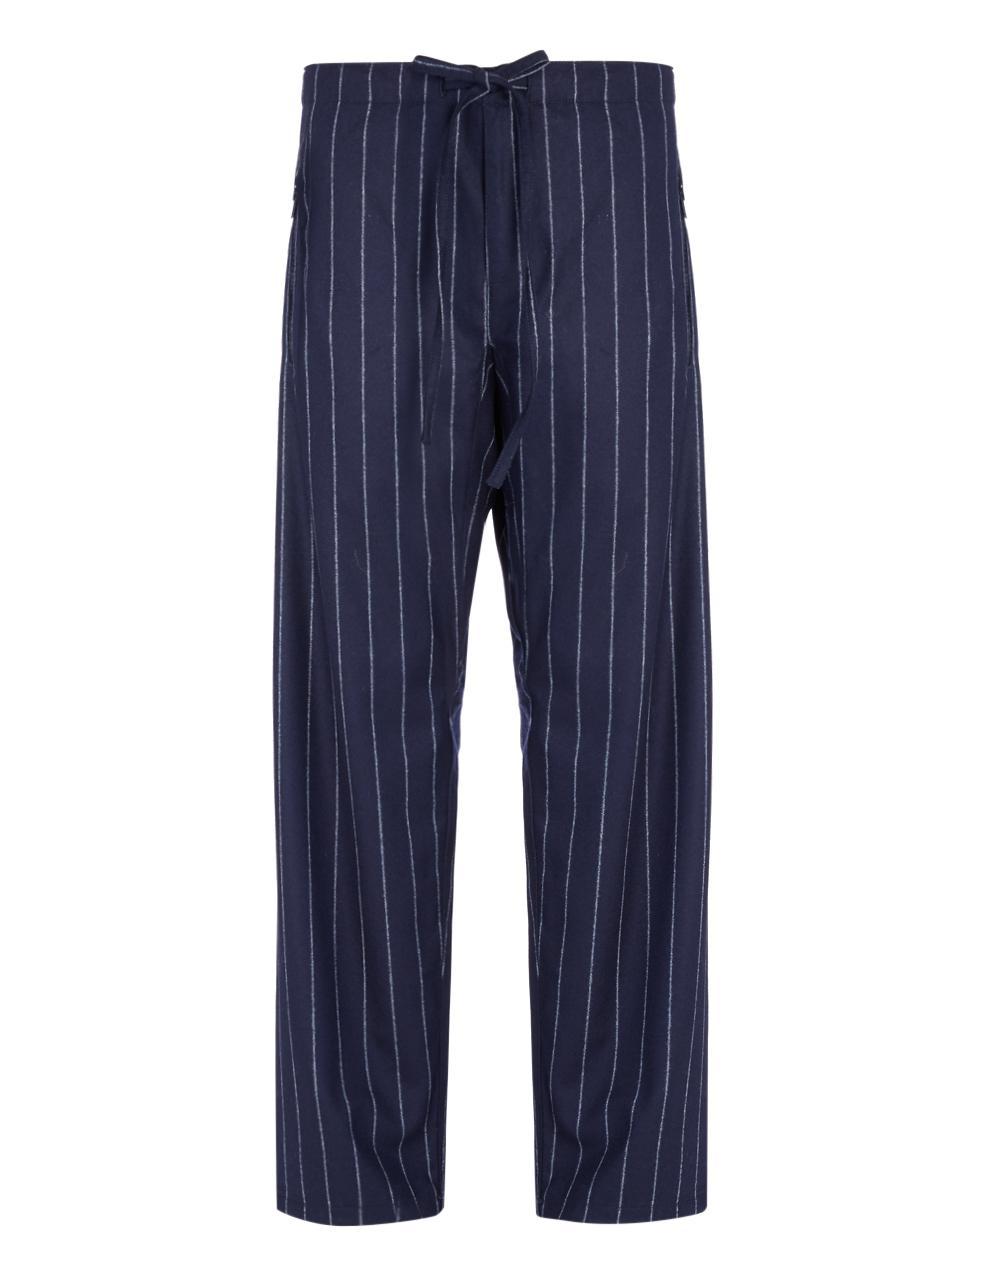 JOSEPH Wool Jumbo Pinstripe Bradford Trouser in Navy (Blue) for Men